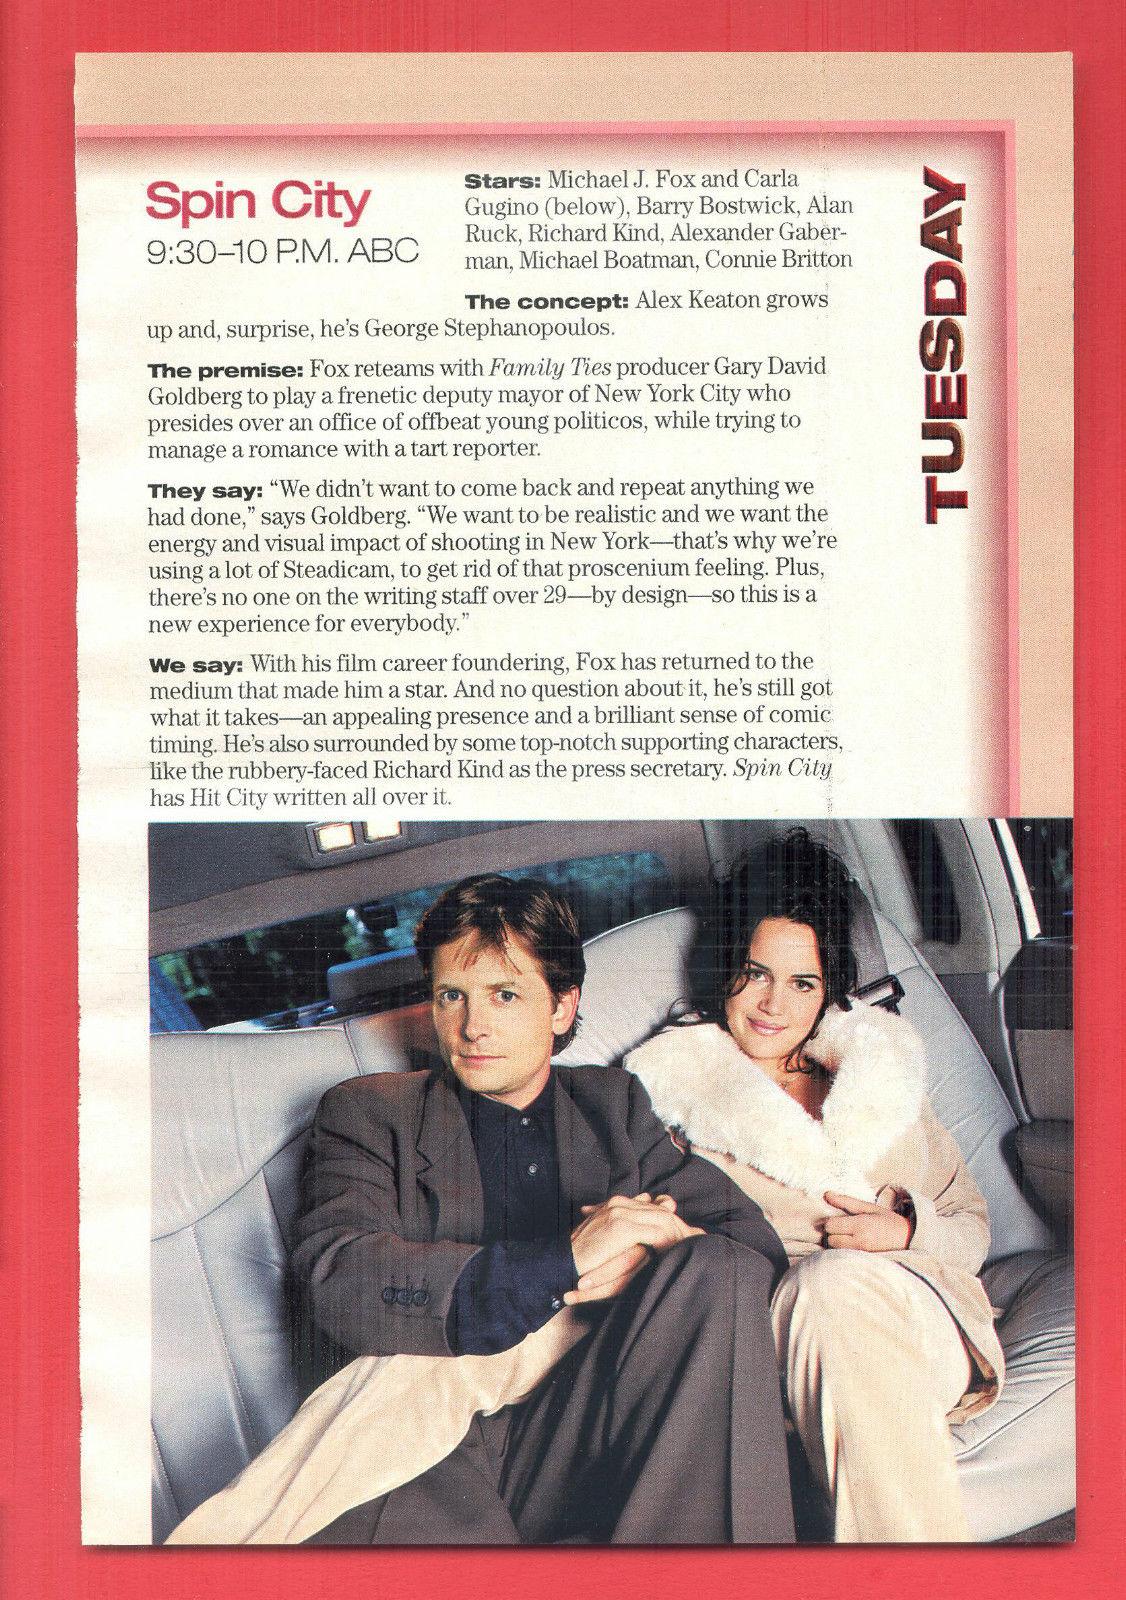 Michael_J_Fox_Carla_Gugino_TV_s